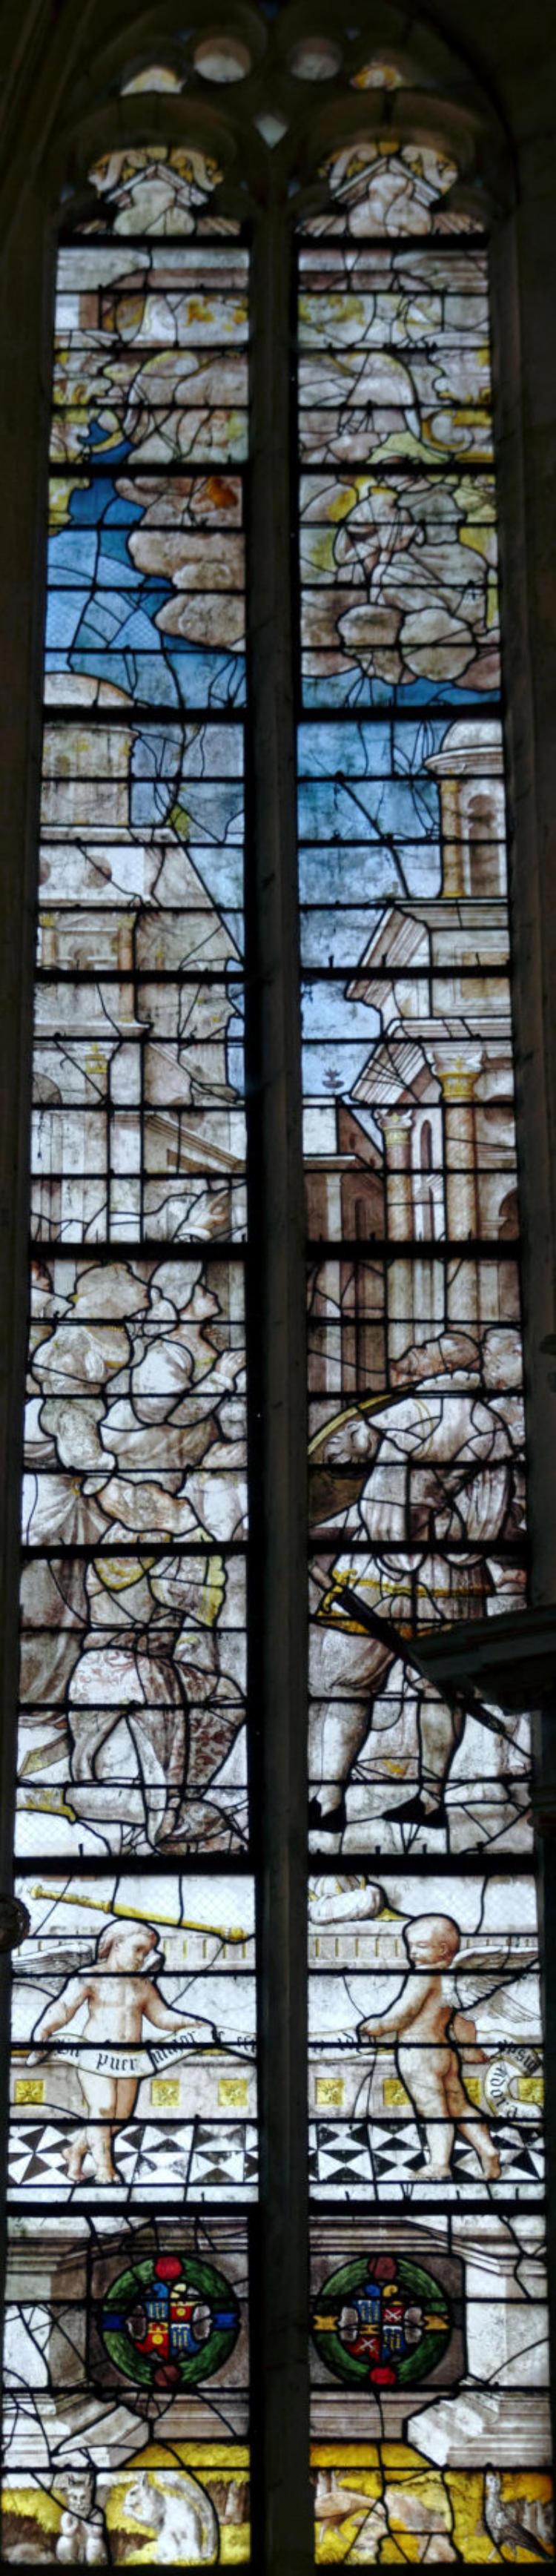 1525-50 Vision auguste eglise de Chavagnes Denis Krieger www.mesvitrauxfavoris.fr